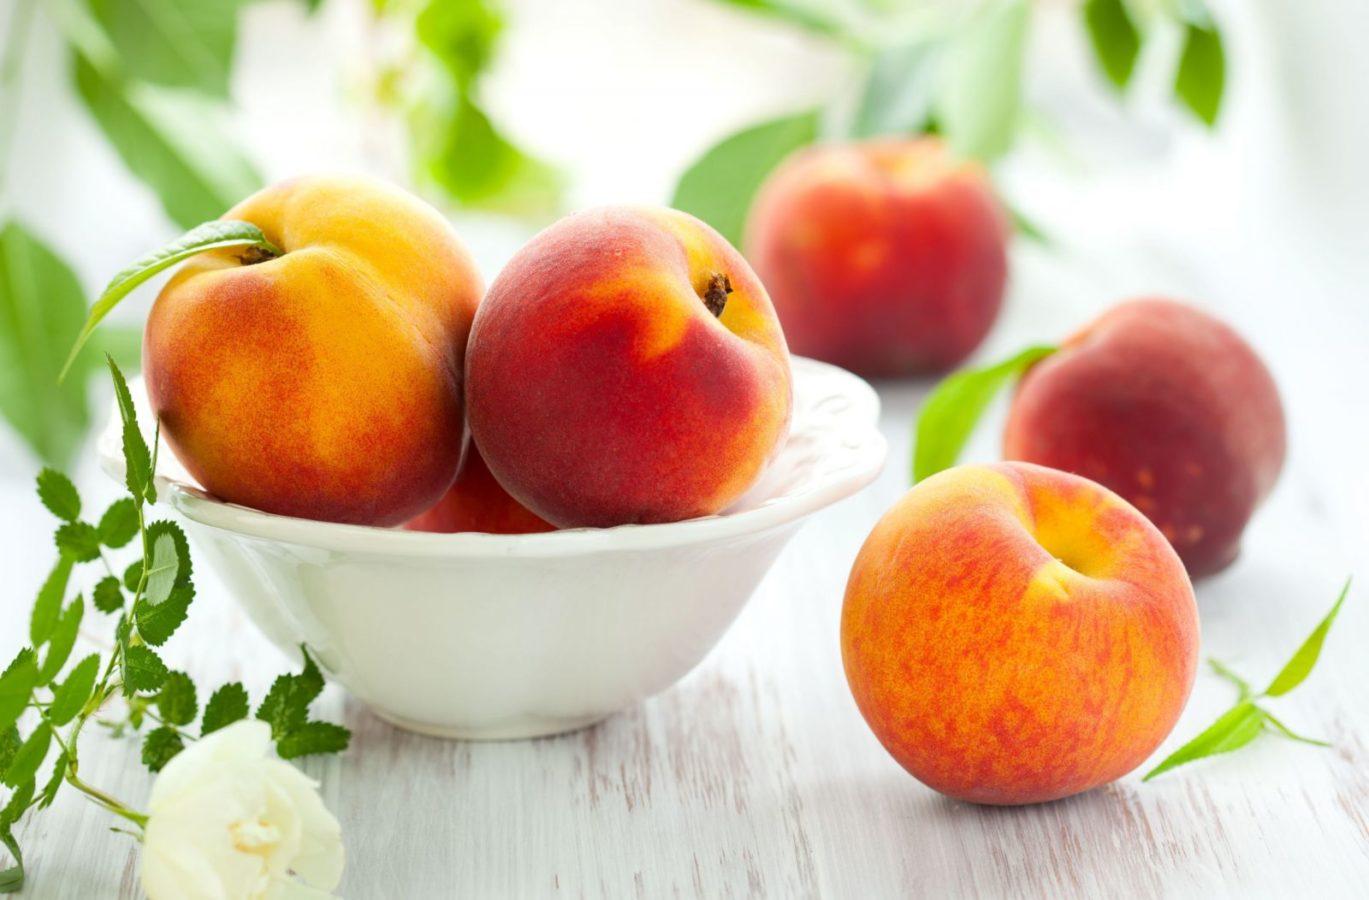 С персиками выпечка всегда получается сочной